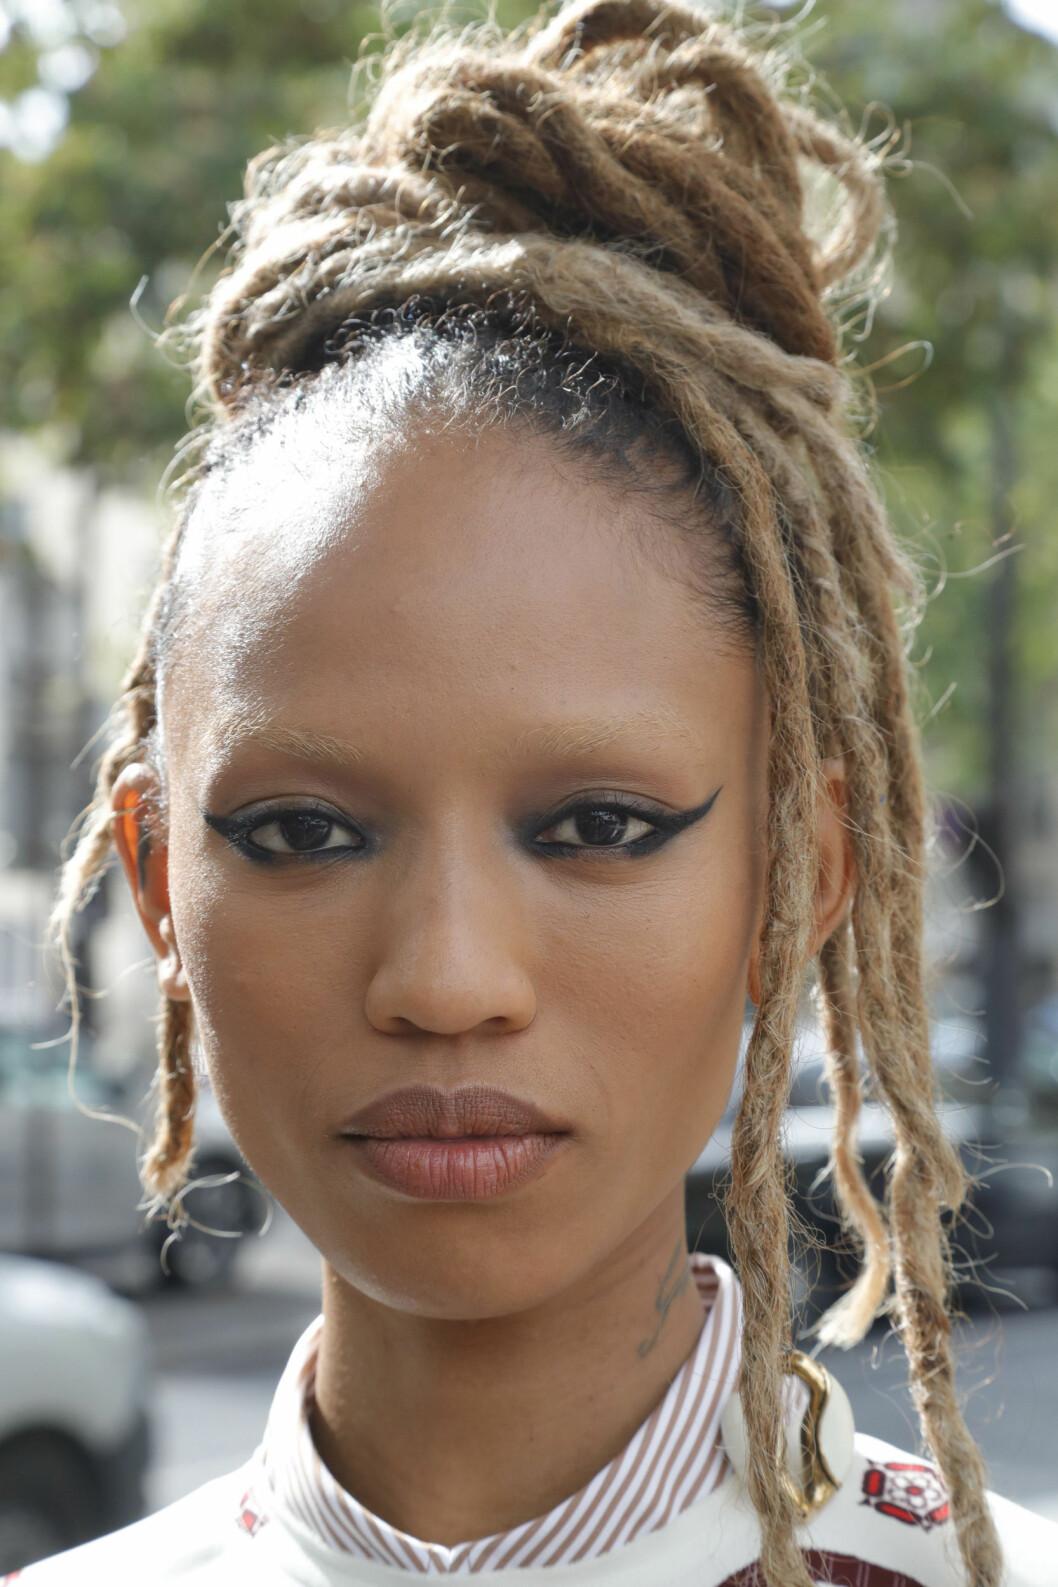 Modell med stor eyeliner